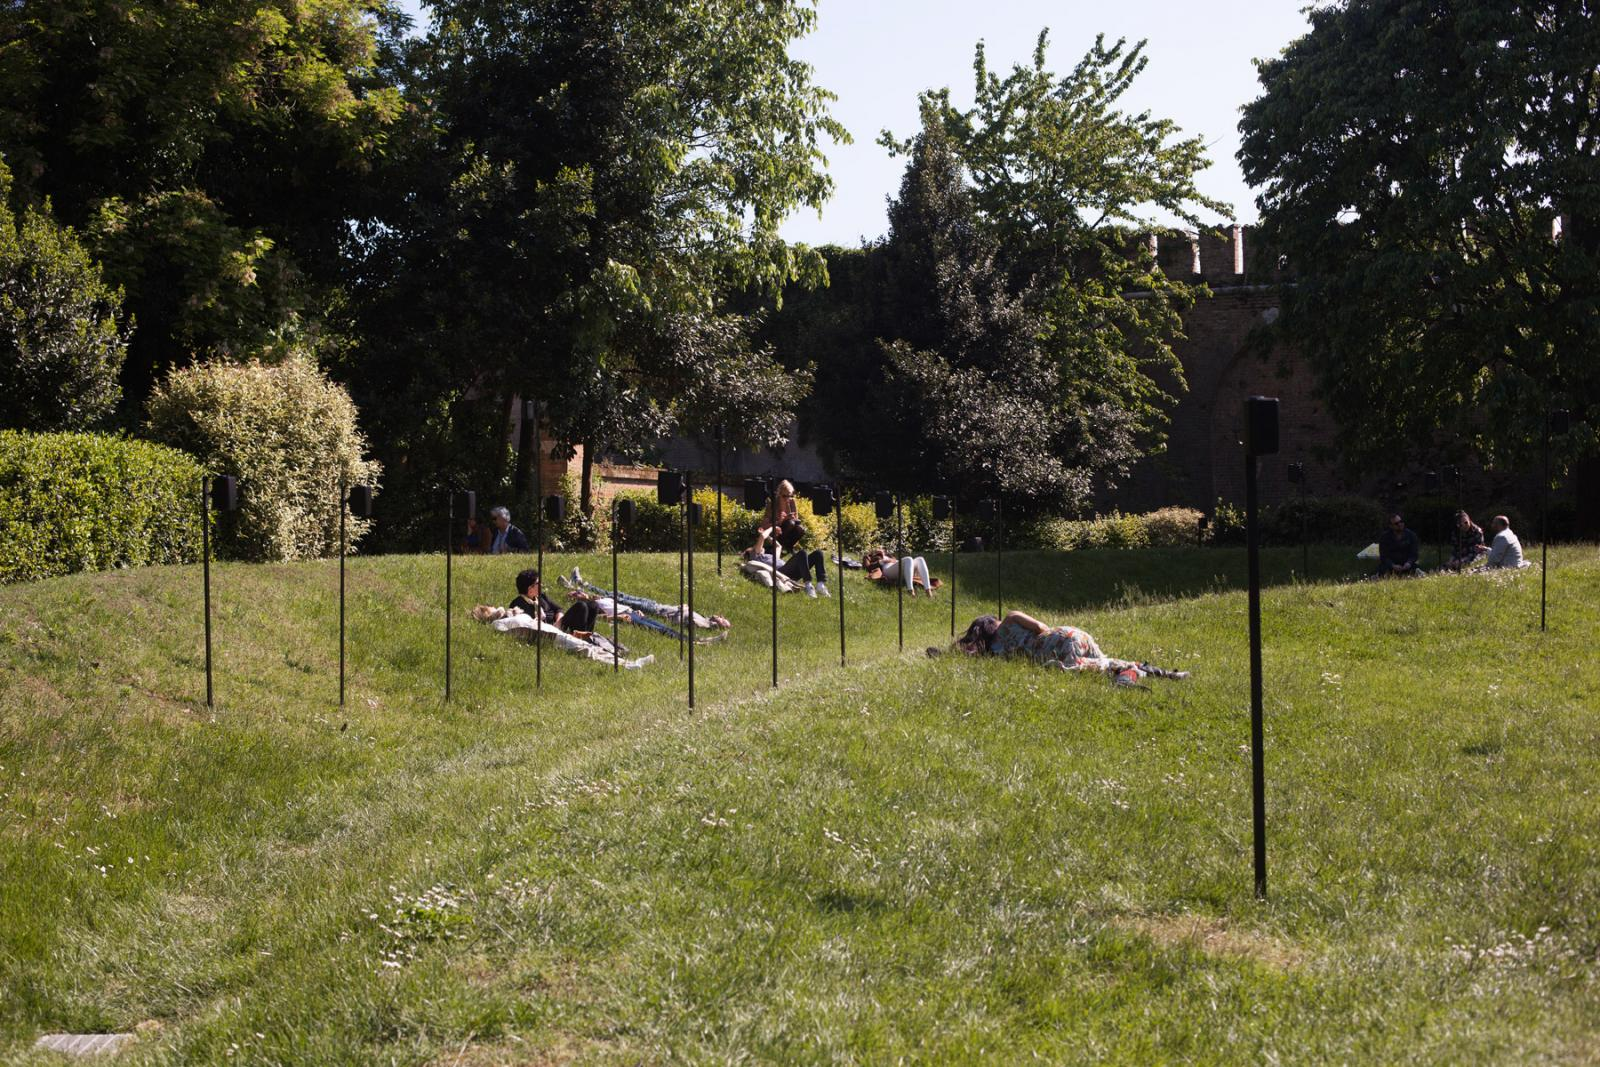 Hassan Khan /Composition for a Public Park/(2013/2017) Photo: Italo Rondinella